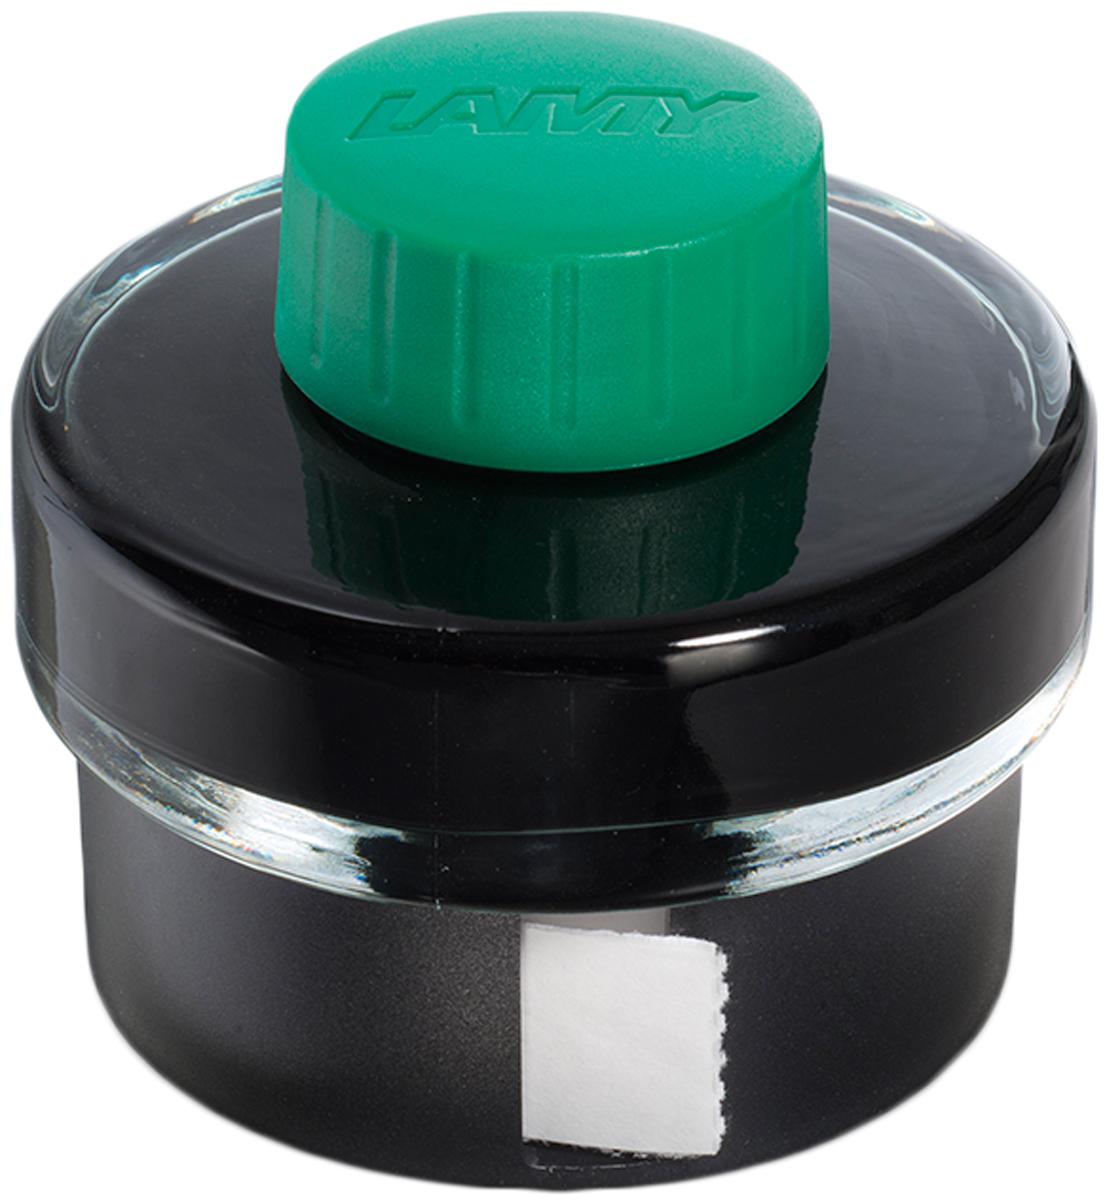 Lamy Чернила для письма T52 цвет зеленый 50 мл